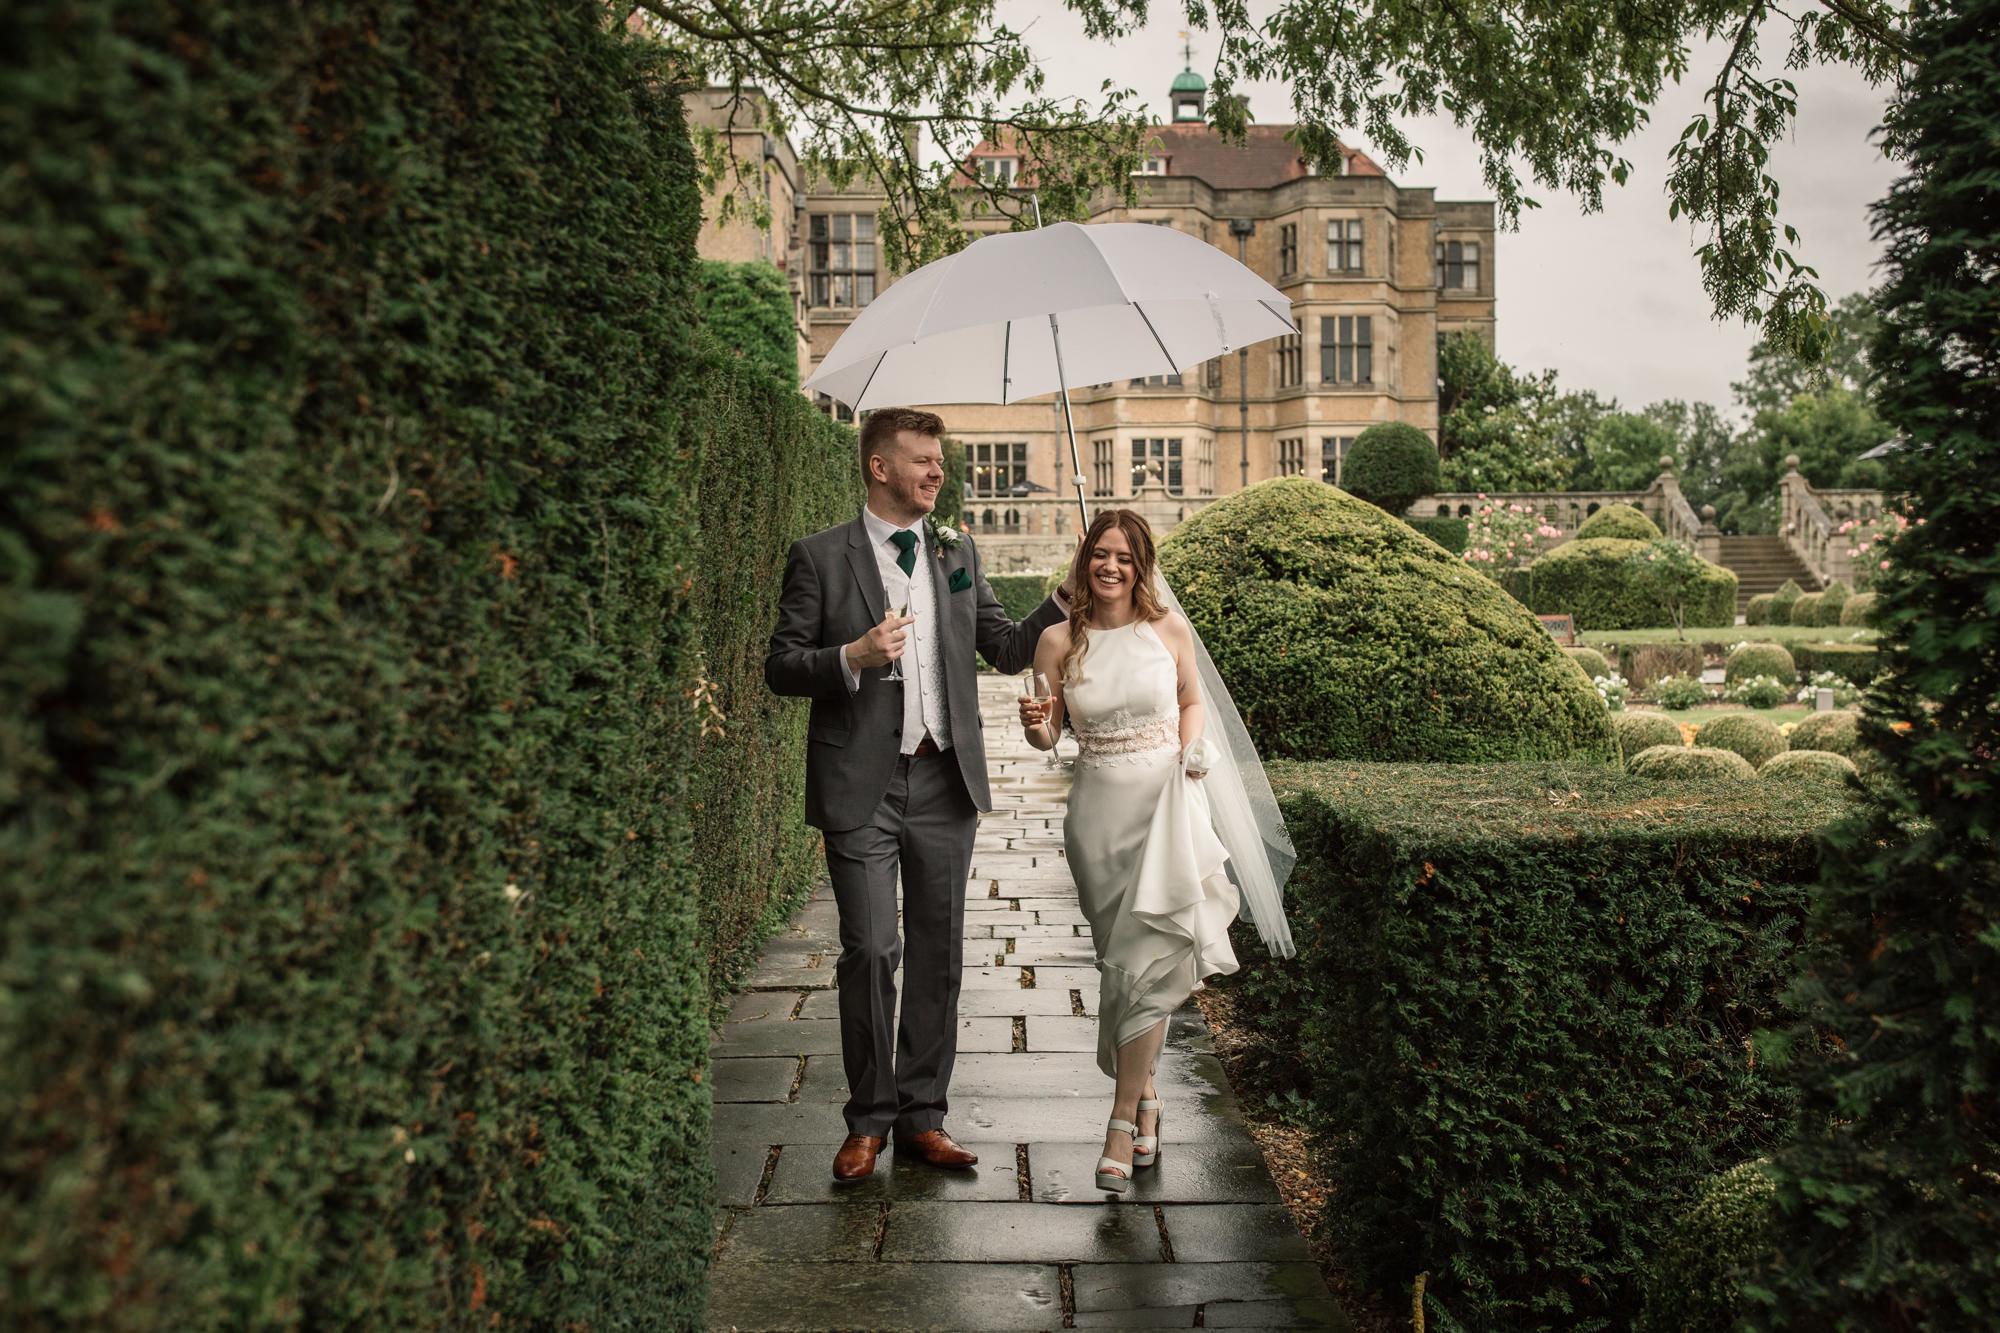 Rainy Summer Wedding at Fanhams Hall